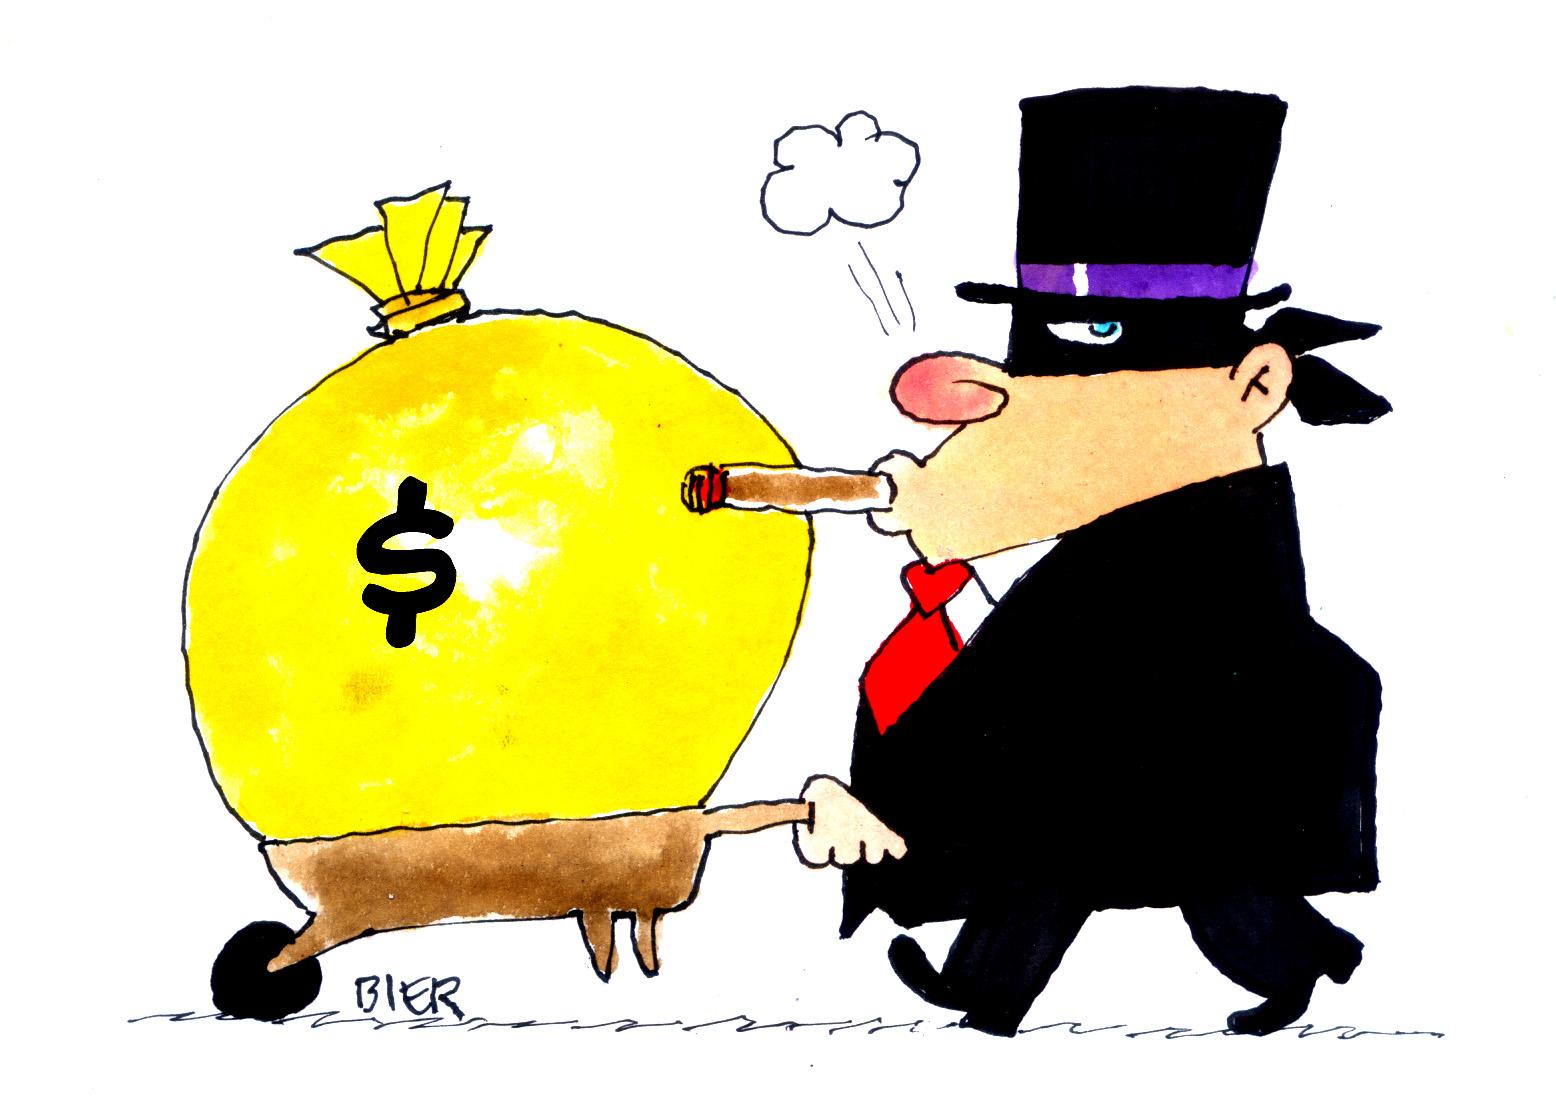 Leia artigo que explica lucro dos bancos - Sindicato dos Bancários ...